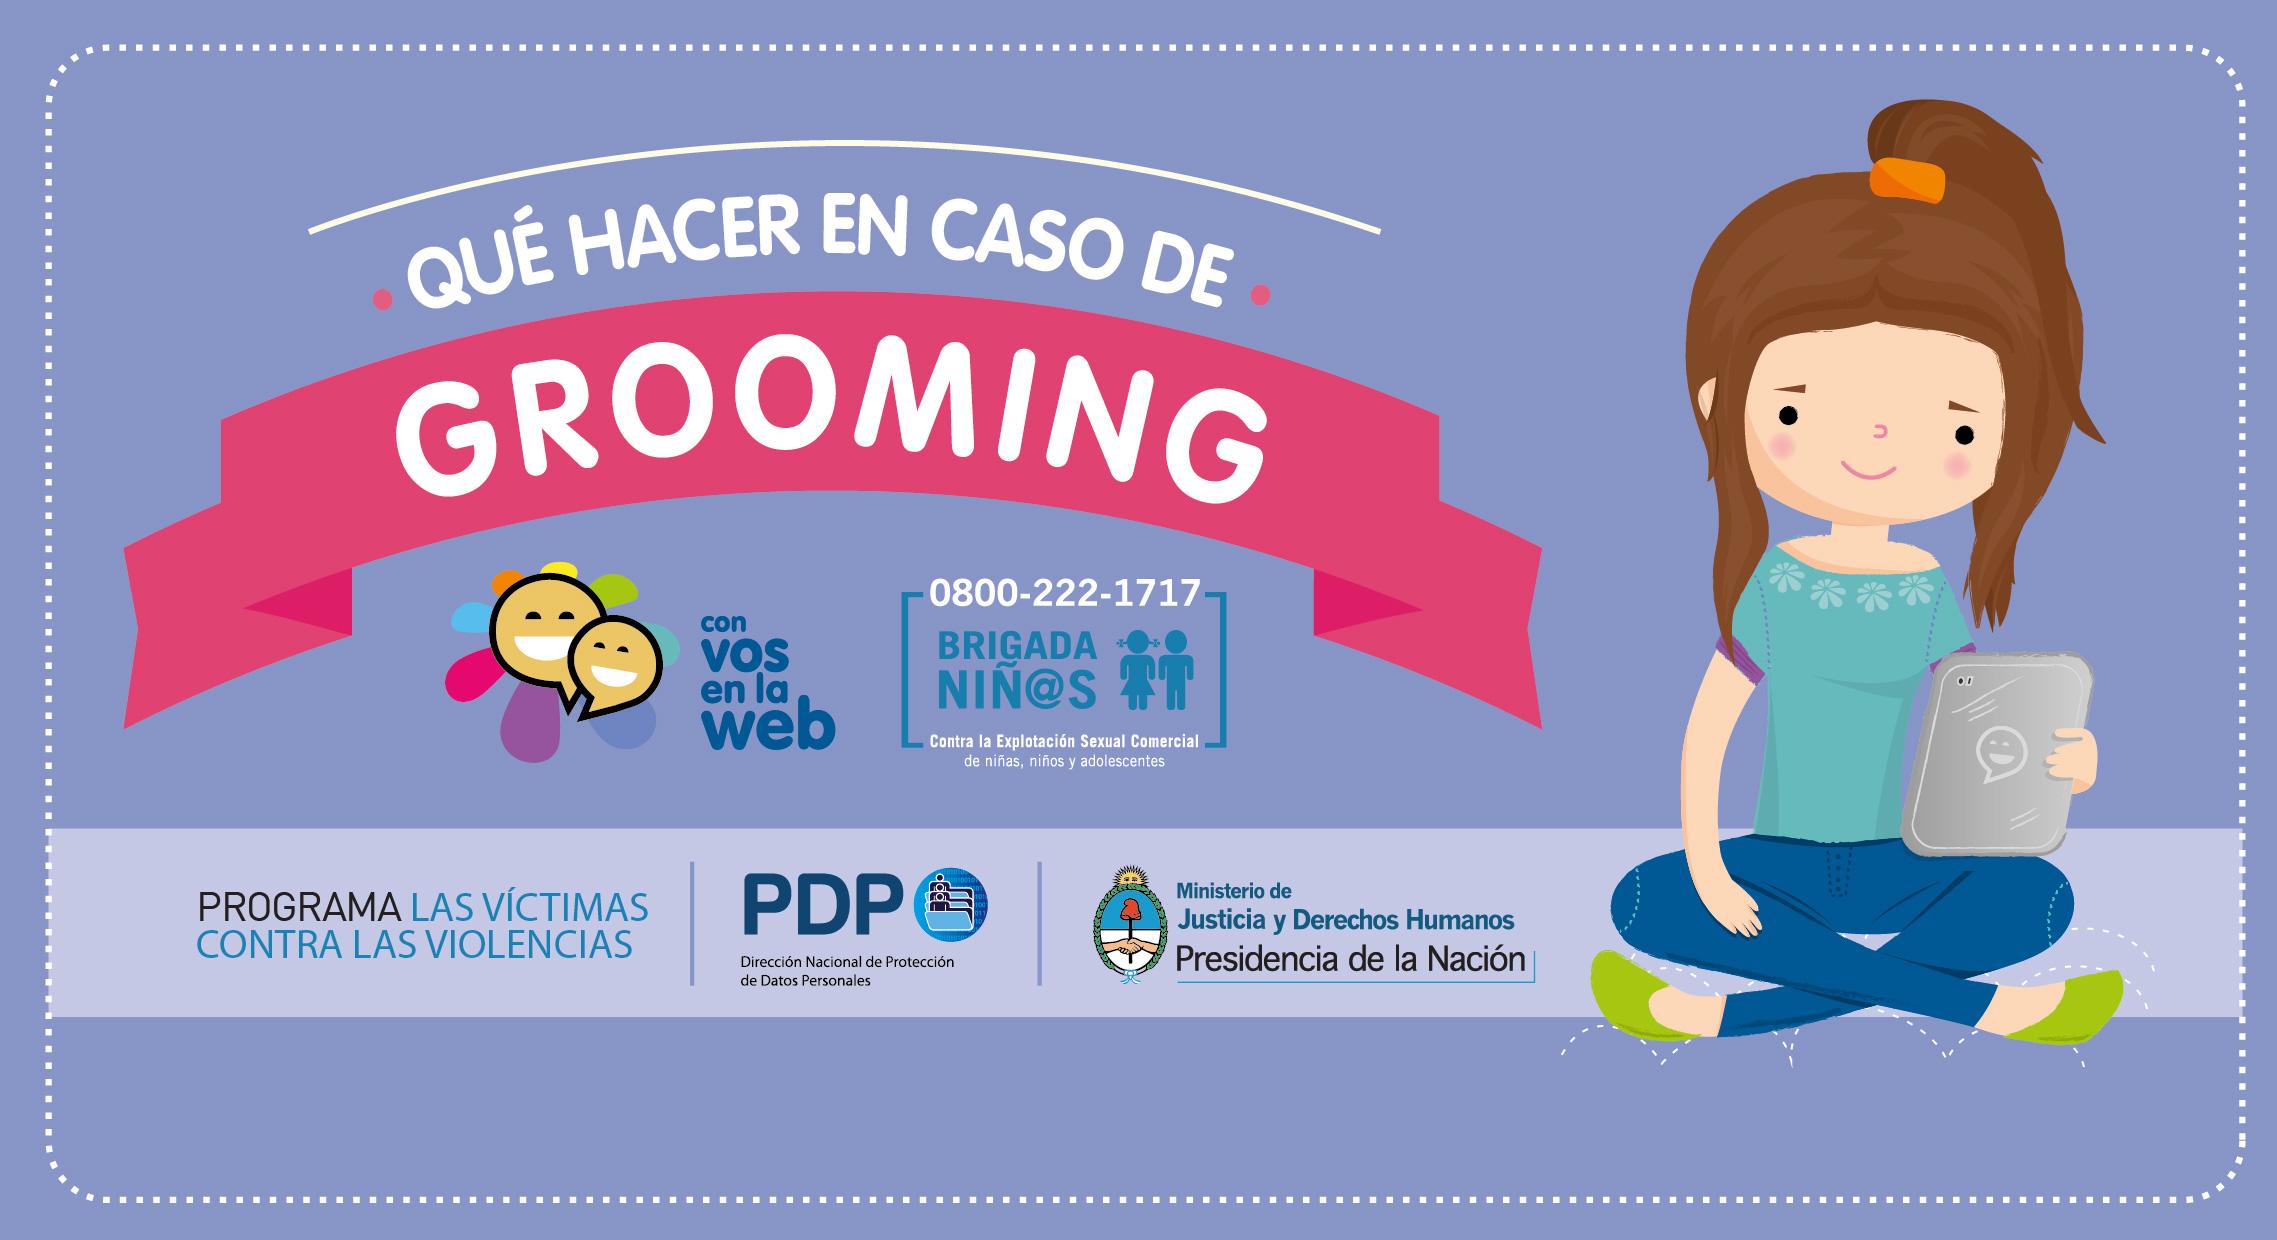 El Ministerio lanzó una campaña para prevenir el Grooming